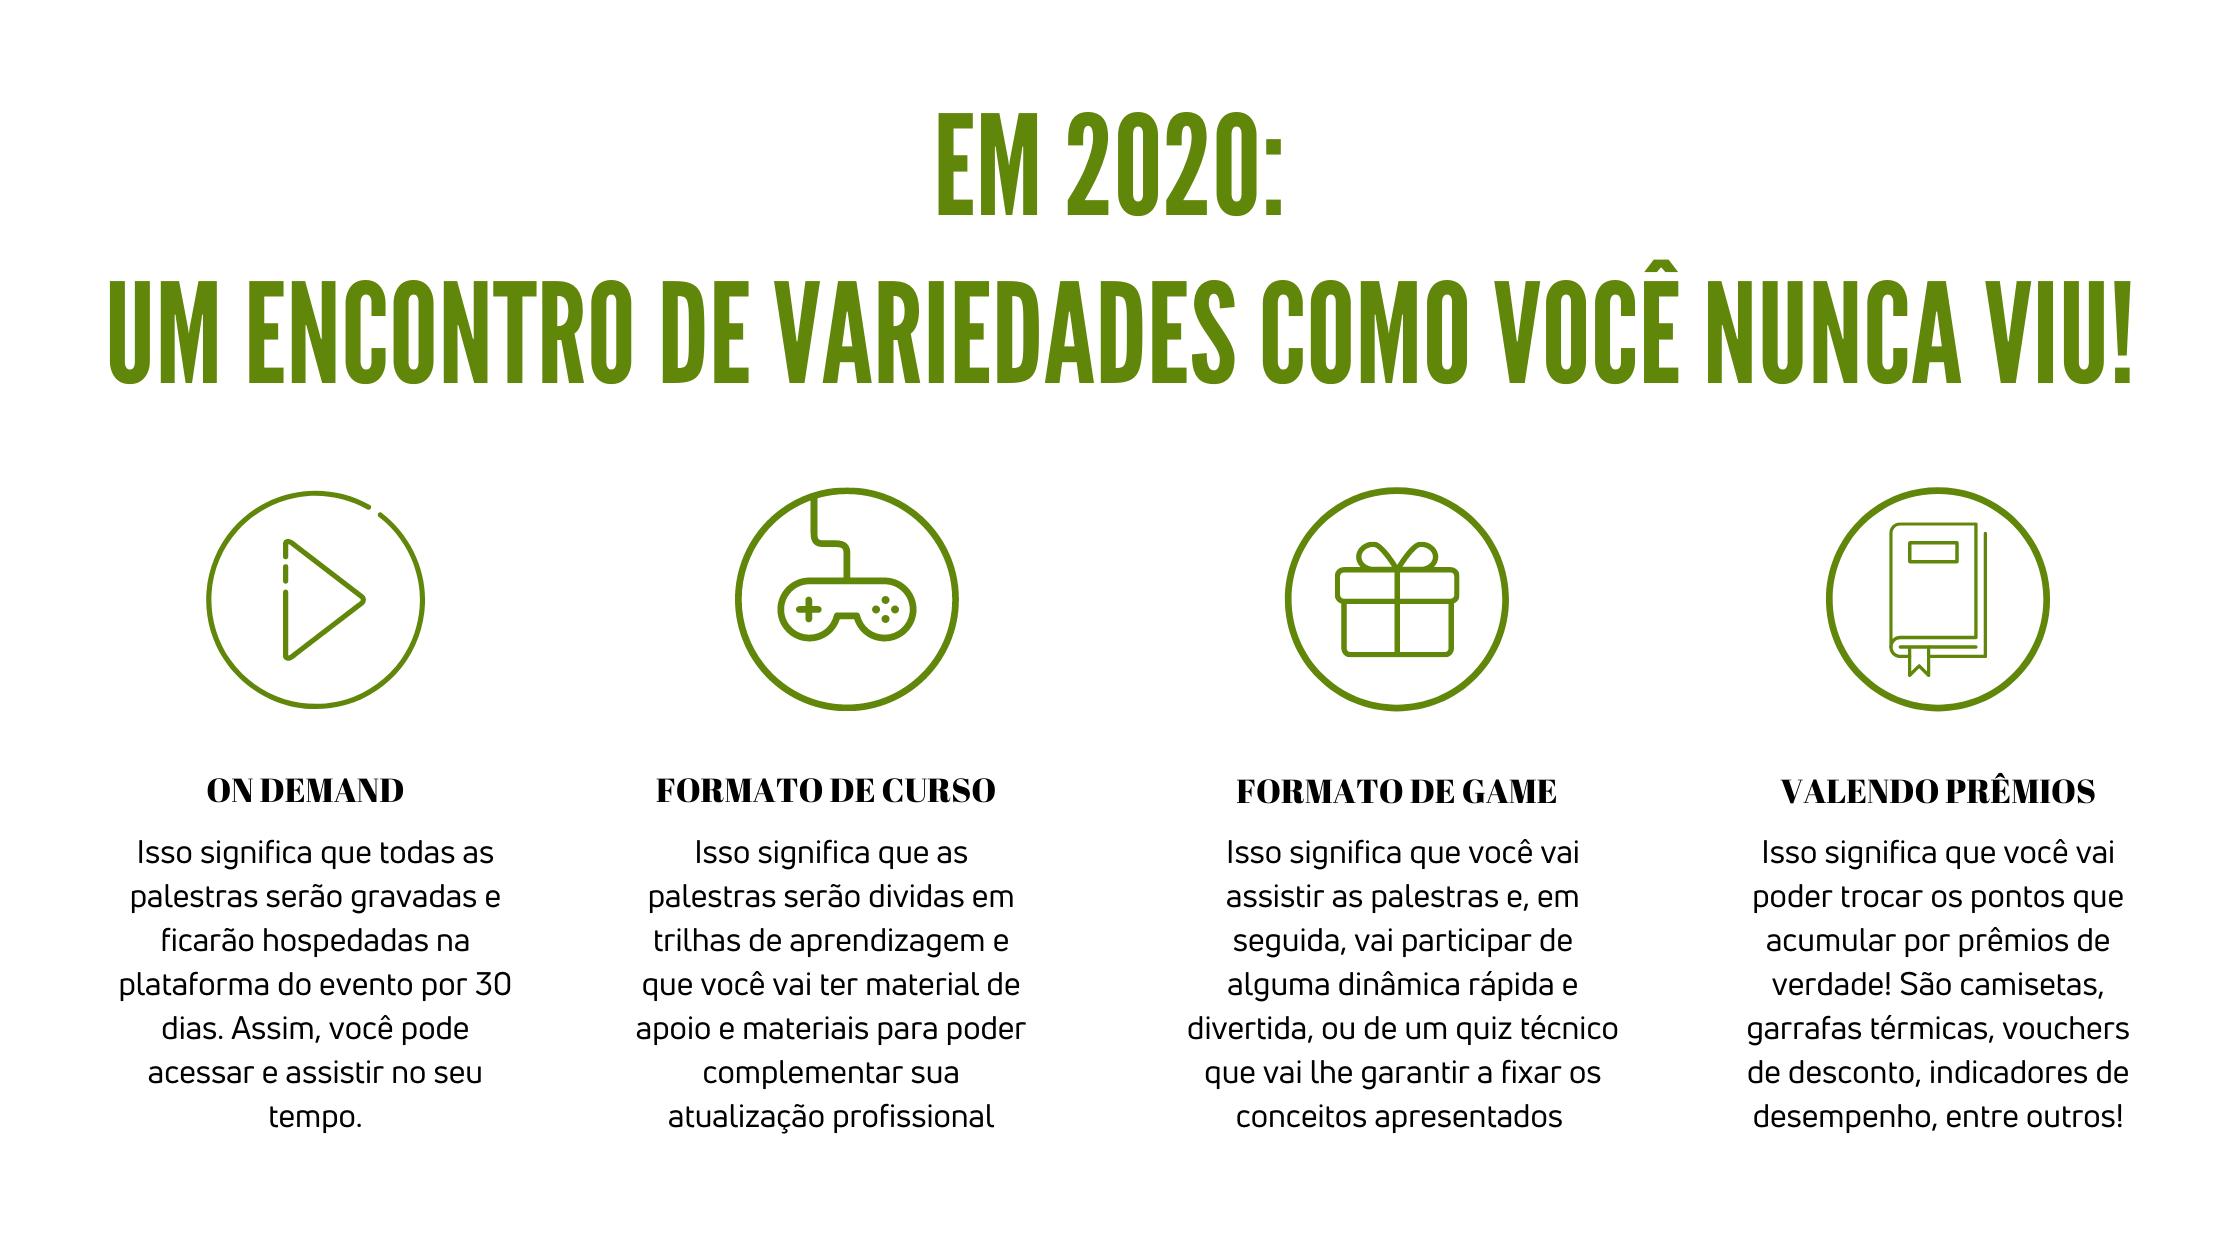 encontro de variedades em 2020